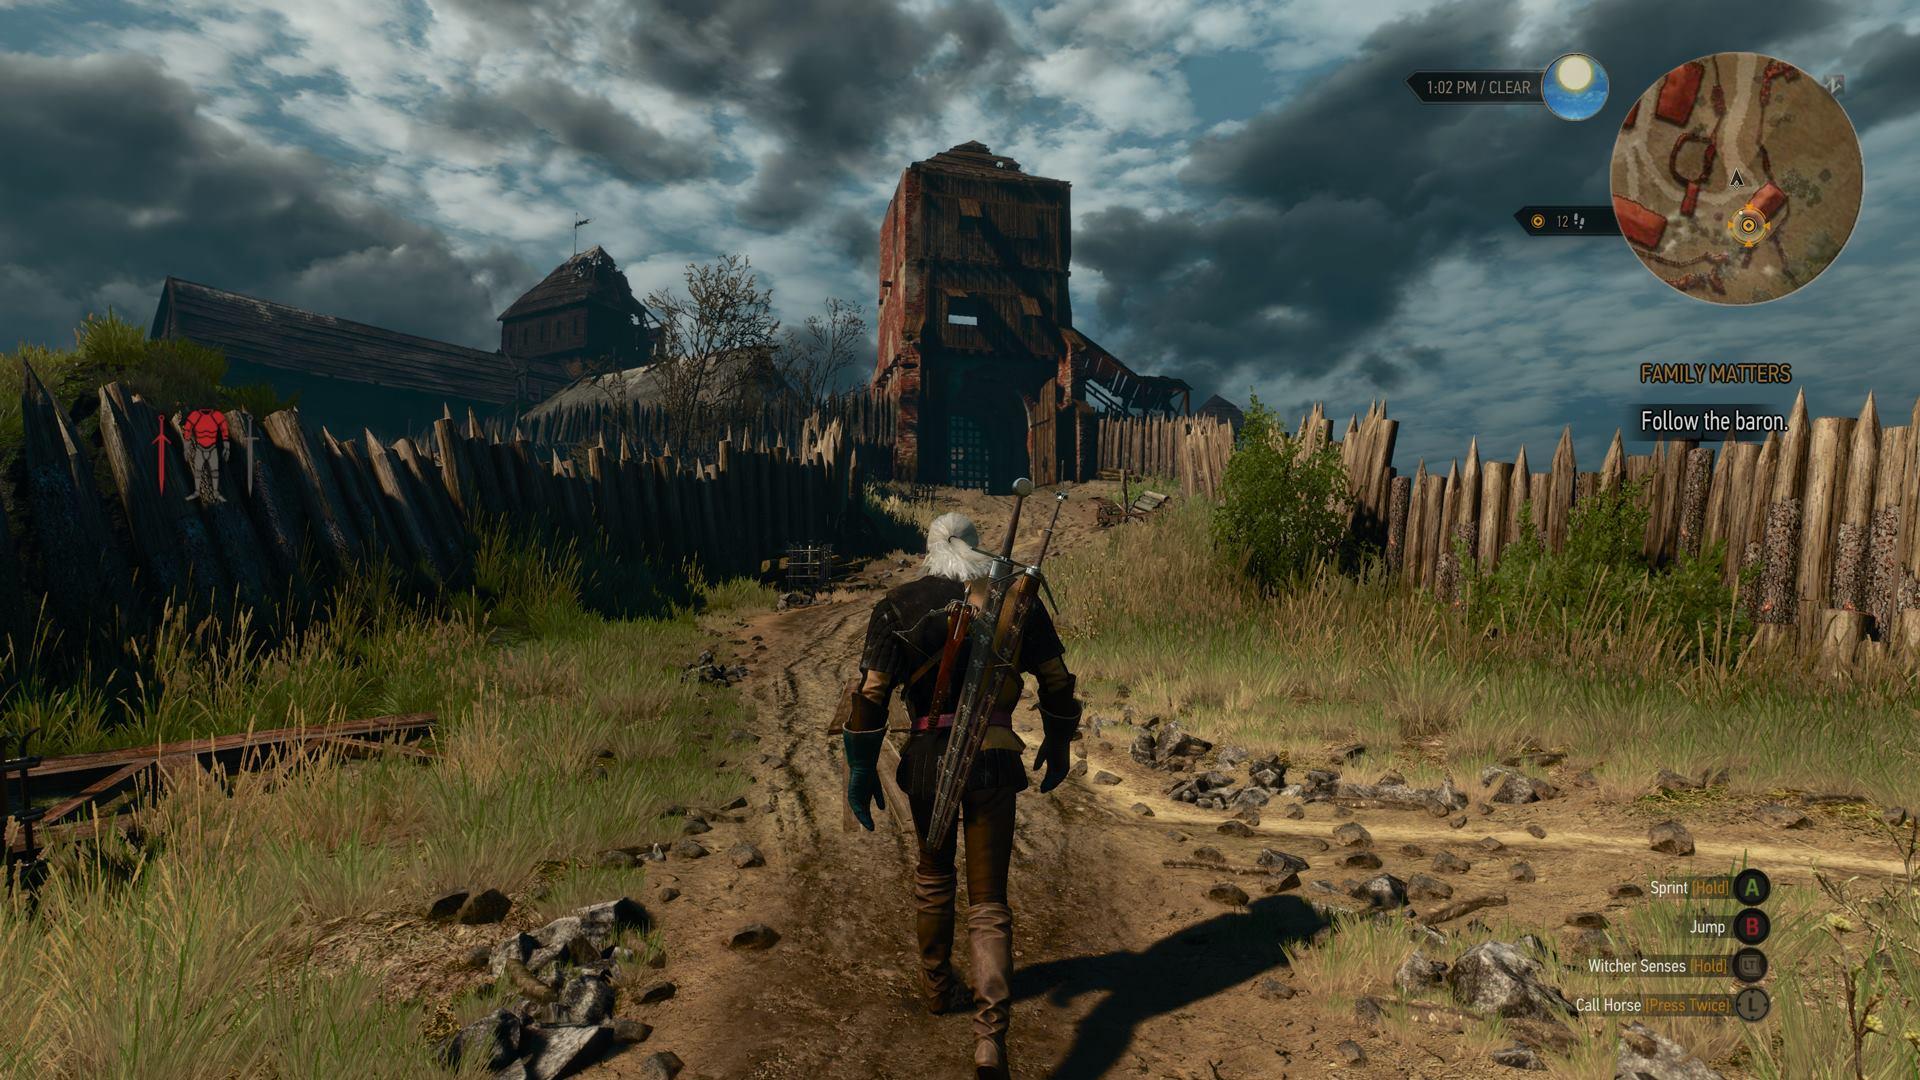 The Witcher 3: Wild Hunt. Размер игровой карты и система загрузок экрана в игре.   Пользователи NeoGAF узнали размер ... - Изображение 5